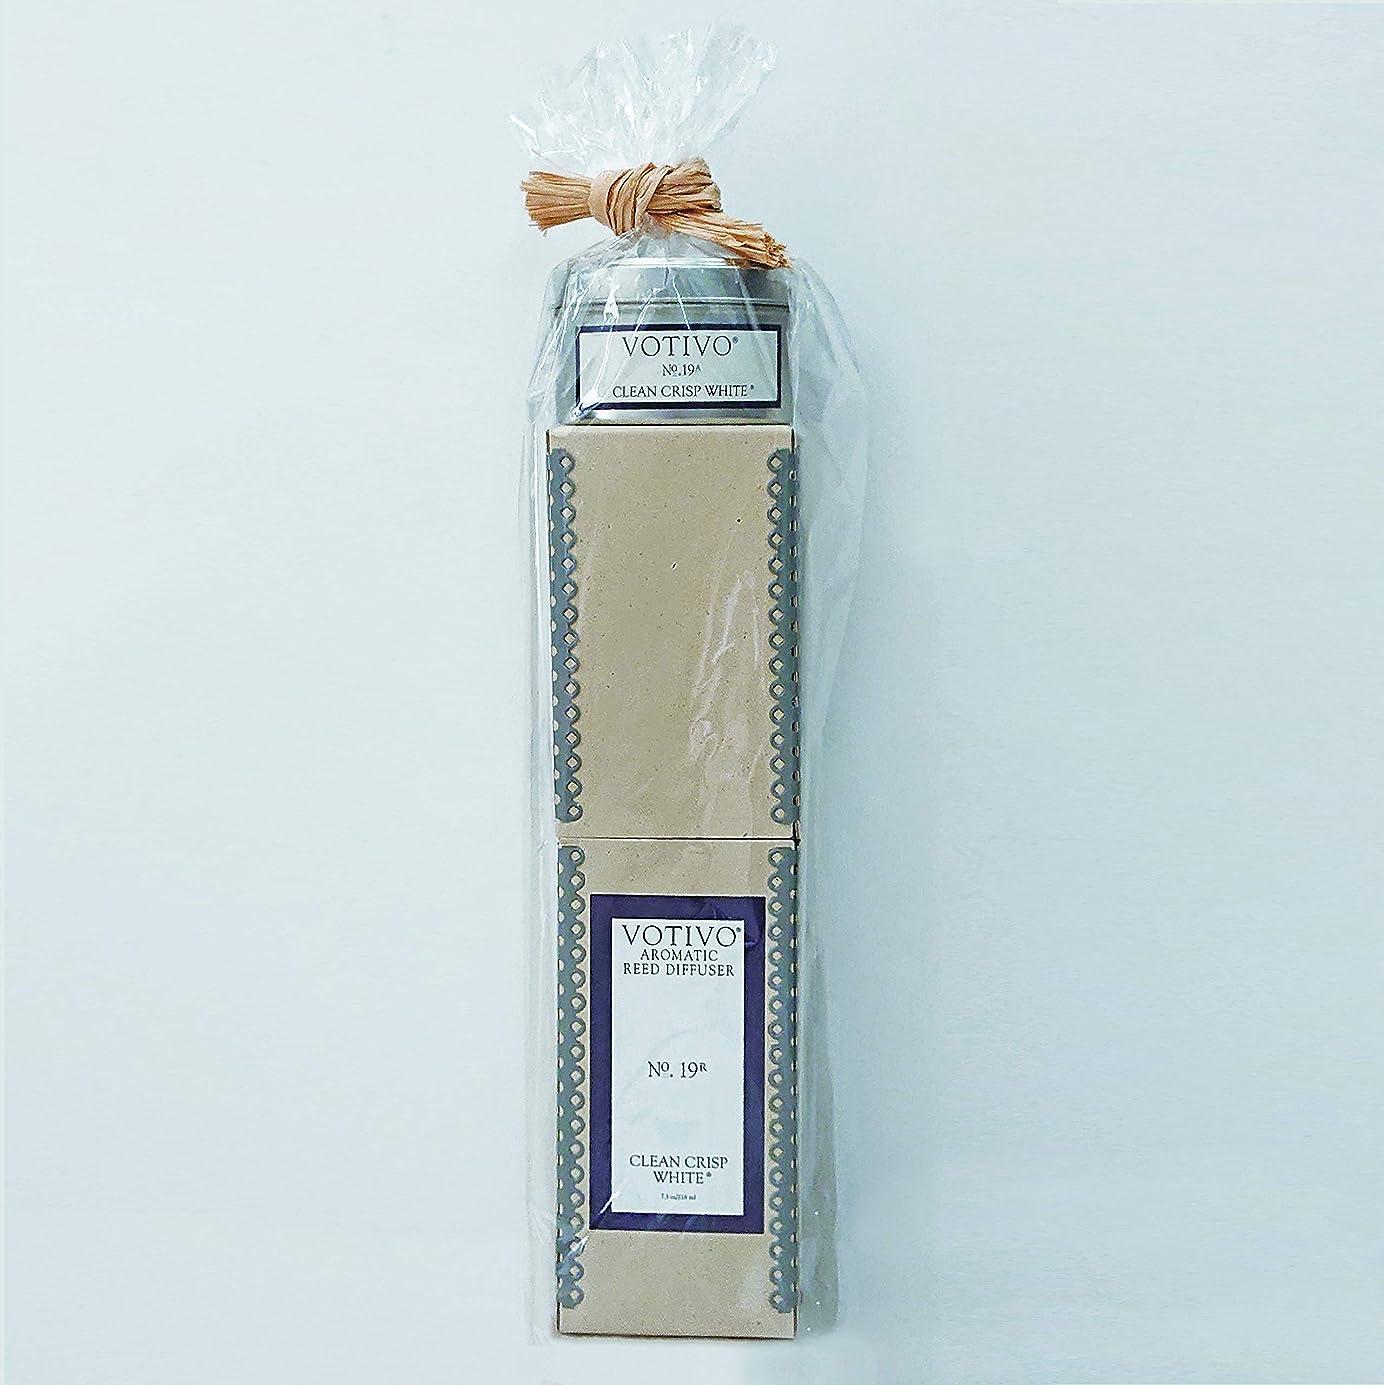 インペリアルカードミサイル【Amazon.co.jp限定】 ボーティボ(VOTIVO) VOTIVO CLEAN CRISP WHITE SPECIAL リードディフューザー, トラベルティンキャンドルセット BLUE 216ml+115g